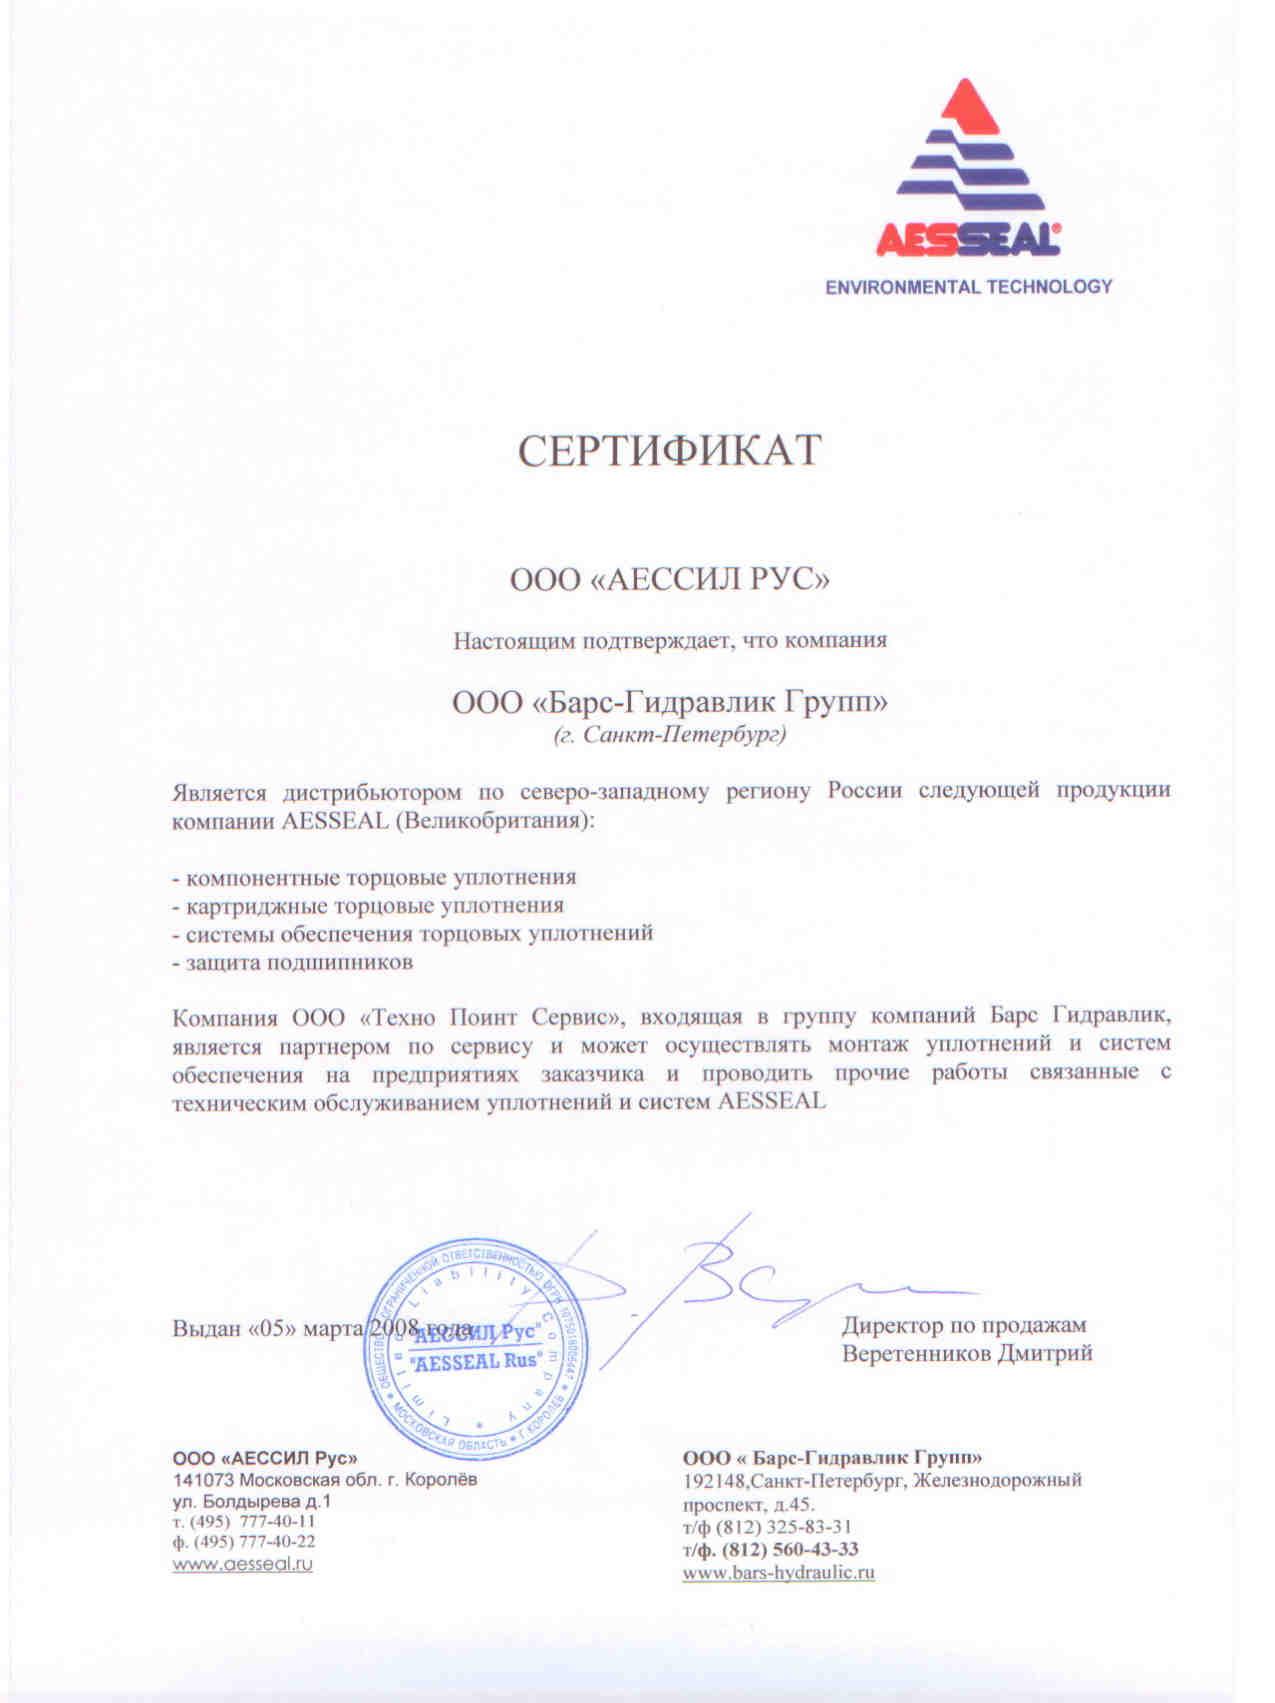 Сертификат AESSEAL